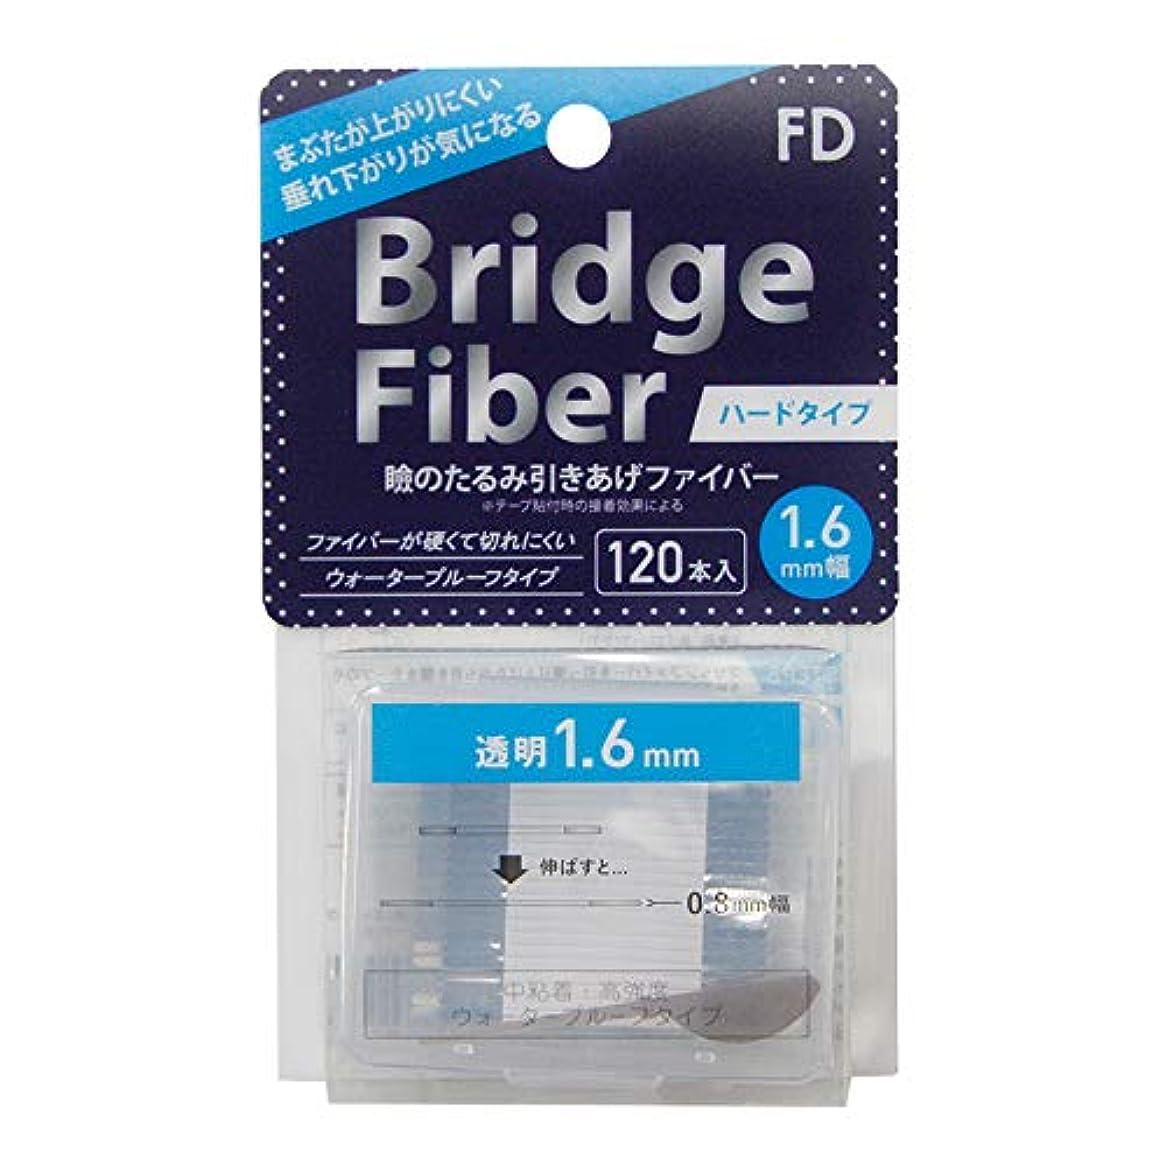 感謝祭エステート永続FD ブリッジハードファイバー 眼瞼下垂防止テープ ハードタイプ 透明1.6mm幅 120本入り